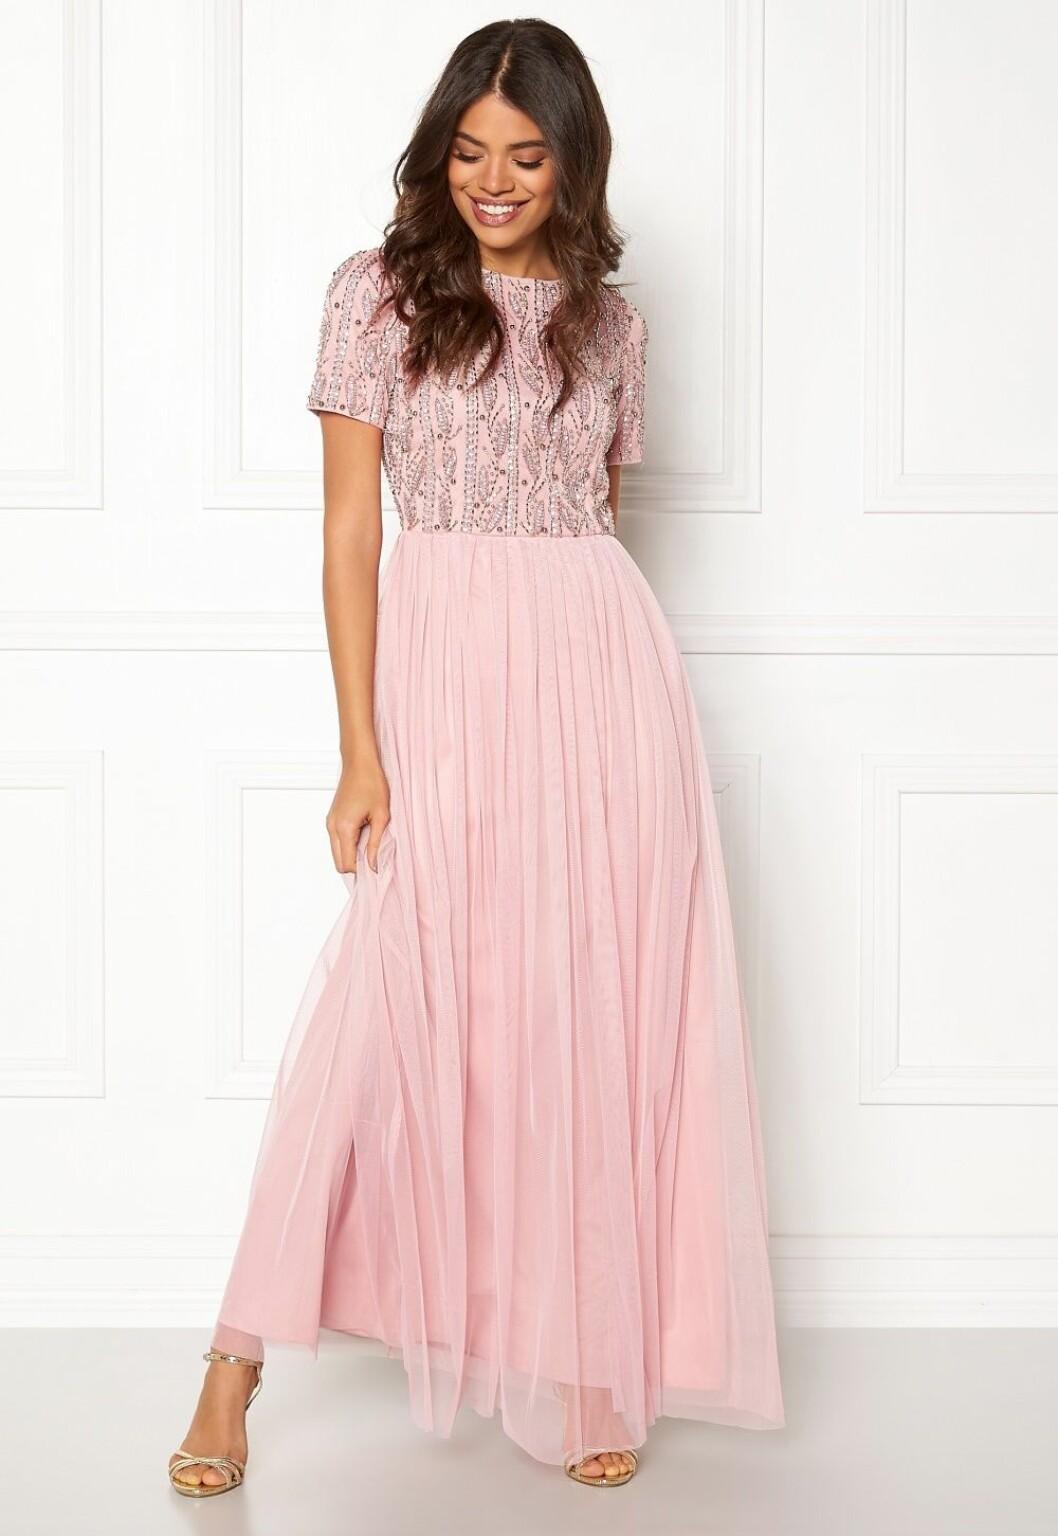 Rosa klänning till bröllop för dam 2019